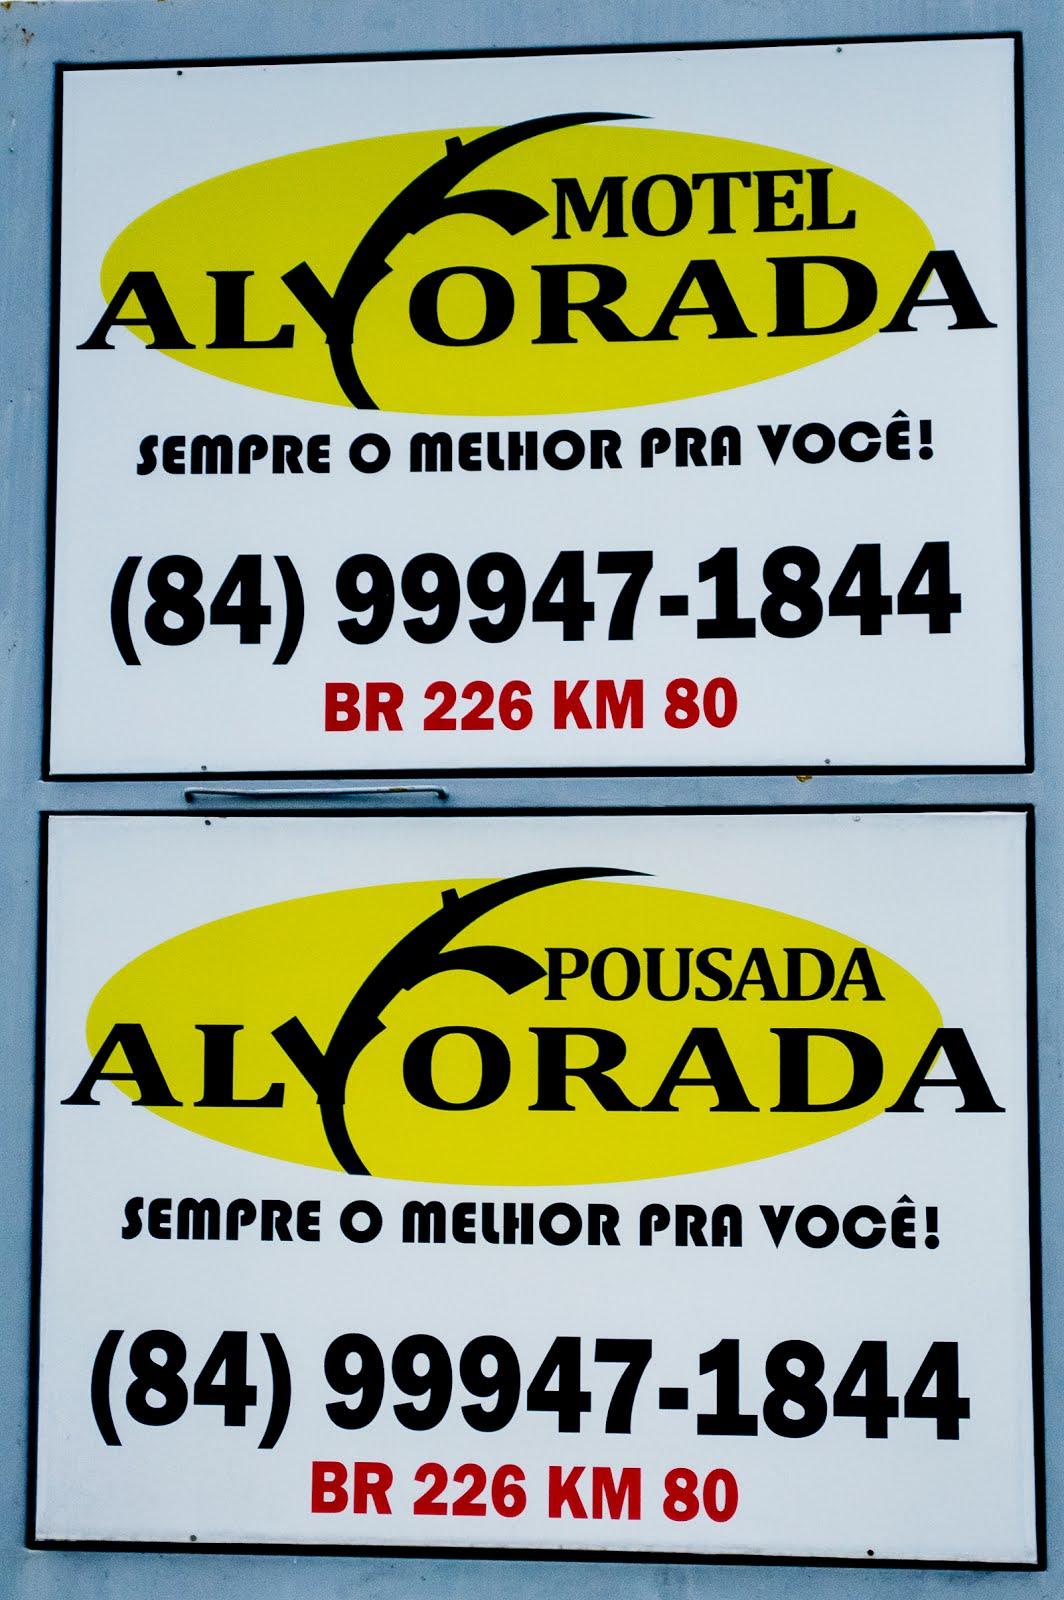 POUSADA & MOTEL ALVORADA